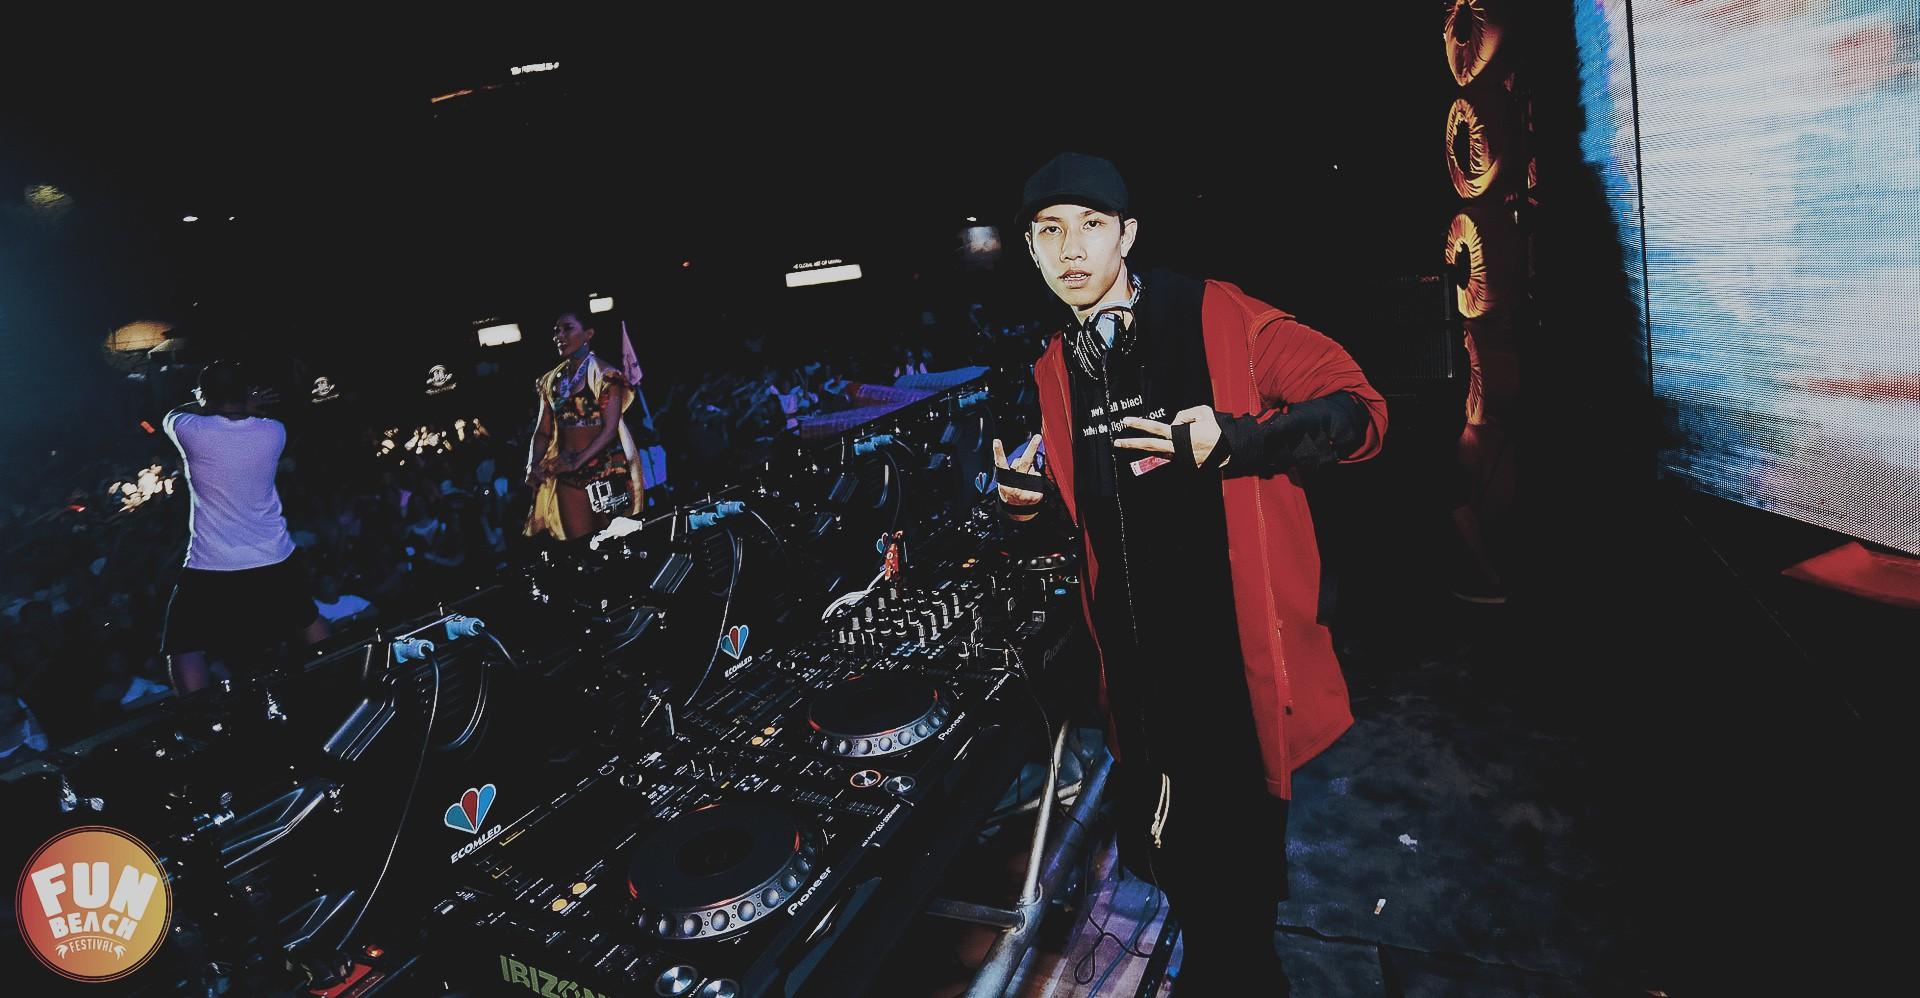 Hoaprox - người đưa nhạc điện tử Việt Nam vào xếp hạng EDM Châu Á - Ảnh 12.